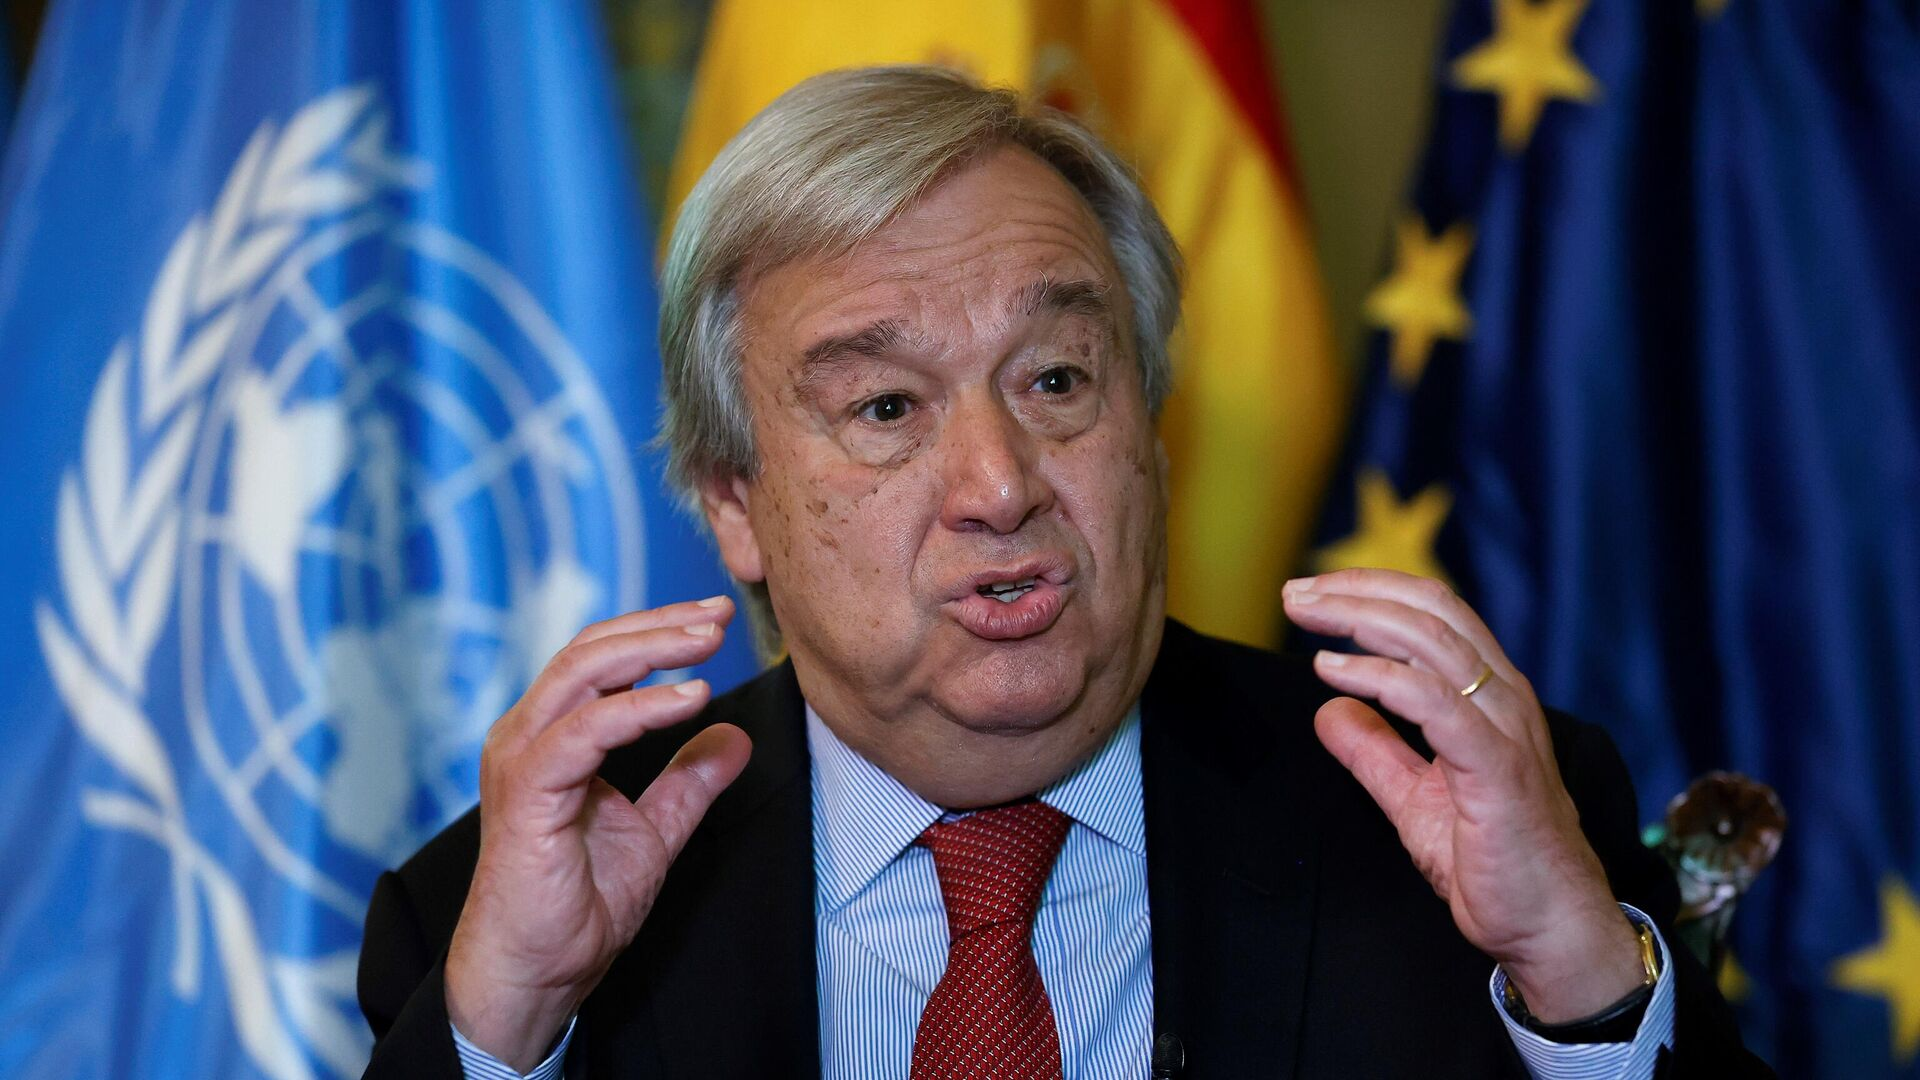 Birleşmiş Milletler (BM) Genel Sekreteri Antonio Guterres - Sputnik Türkiye, 1920, 20.09.2021